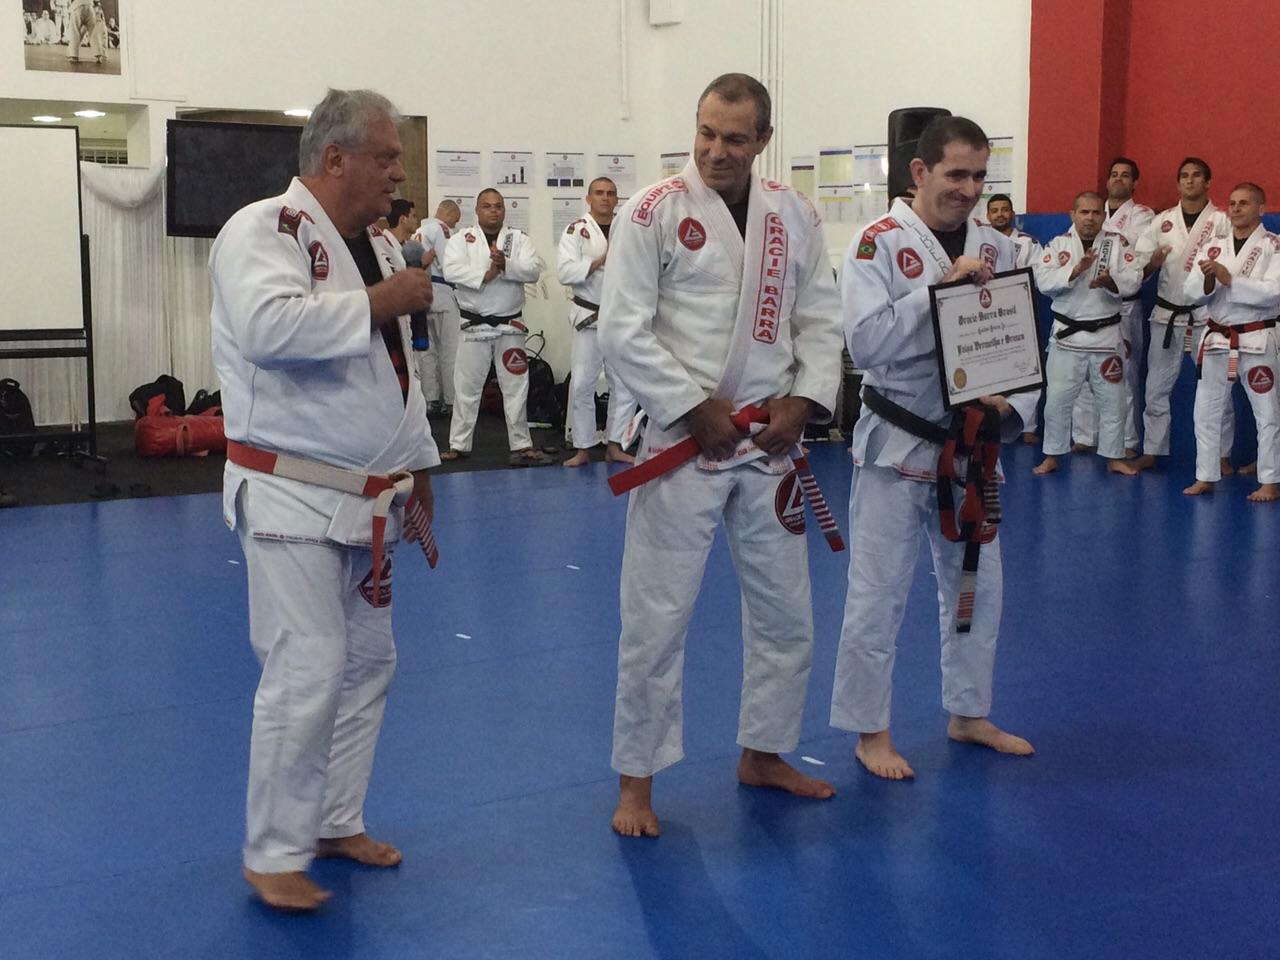 Carlos Gracie Jr agora e faixa vermelha e branca Foto Aragao